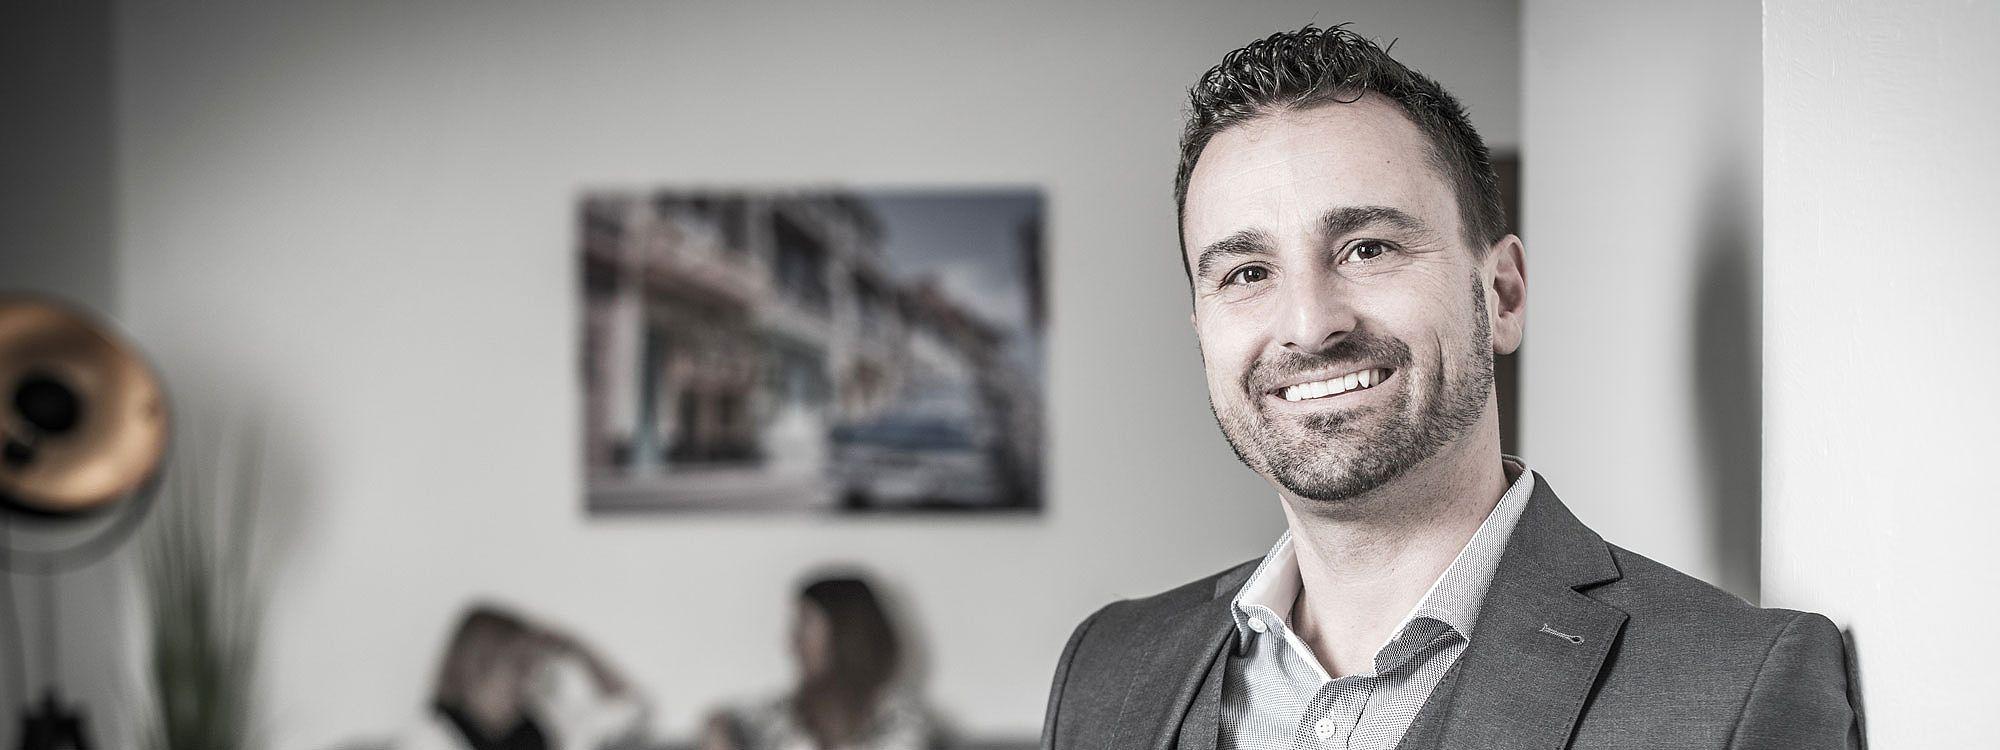 Werbe- und Direktmarketingagentur ProKontakt GmbH: Markus Albegger und sein Team bieten Ihnen eine Rundumbetreuung, wenn es um Gestaltung, Fotografie, Druck, Texte, Porto und Ihre Gästekartei geht.